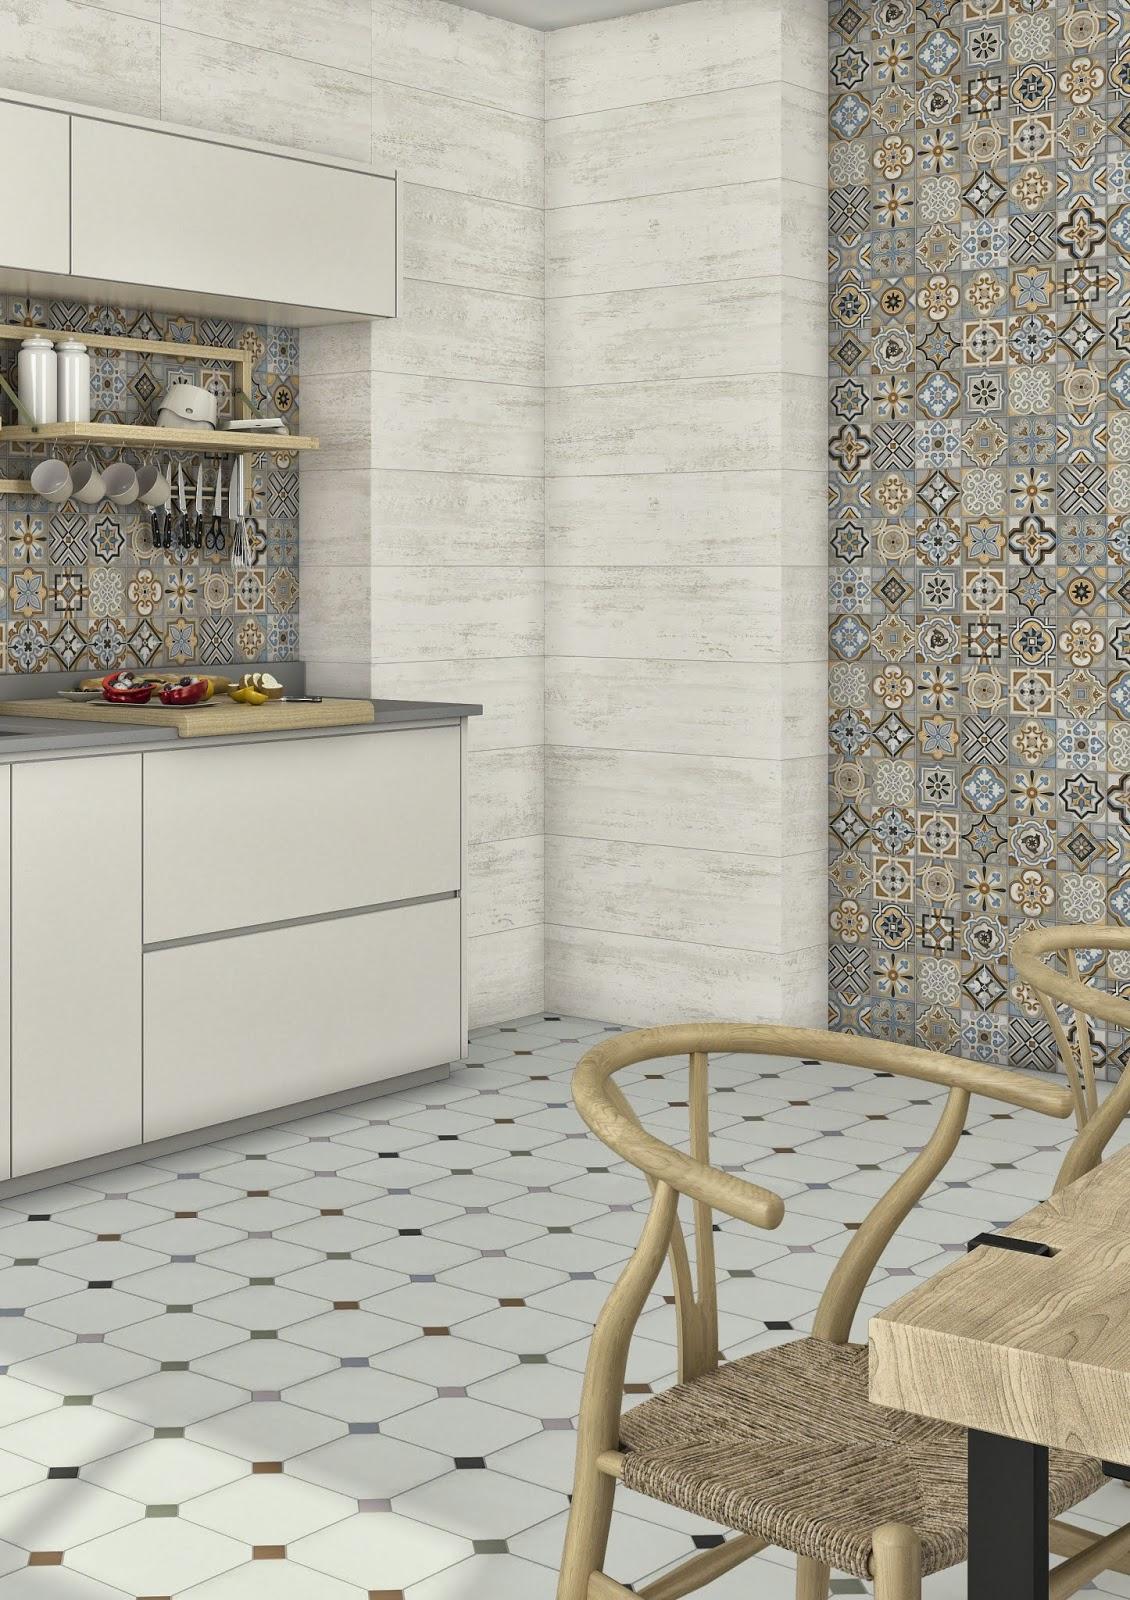 La casa da vivere visto al cersaie pavimenti con piastrelle decorate - Piastrelle disegnate ...